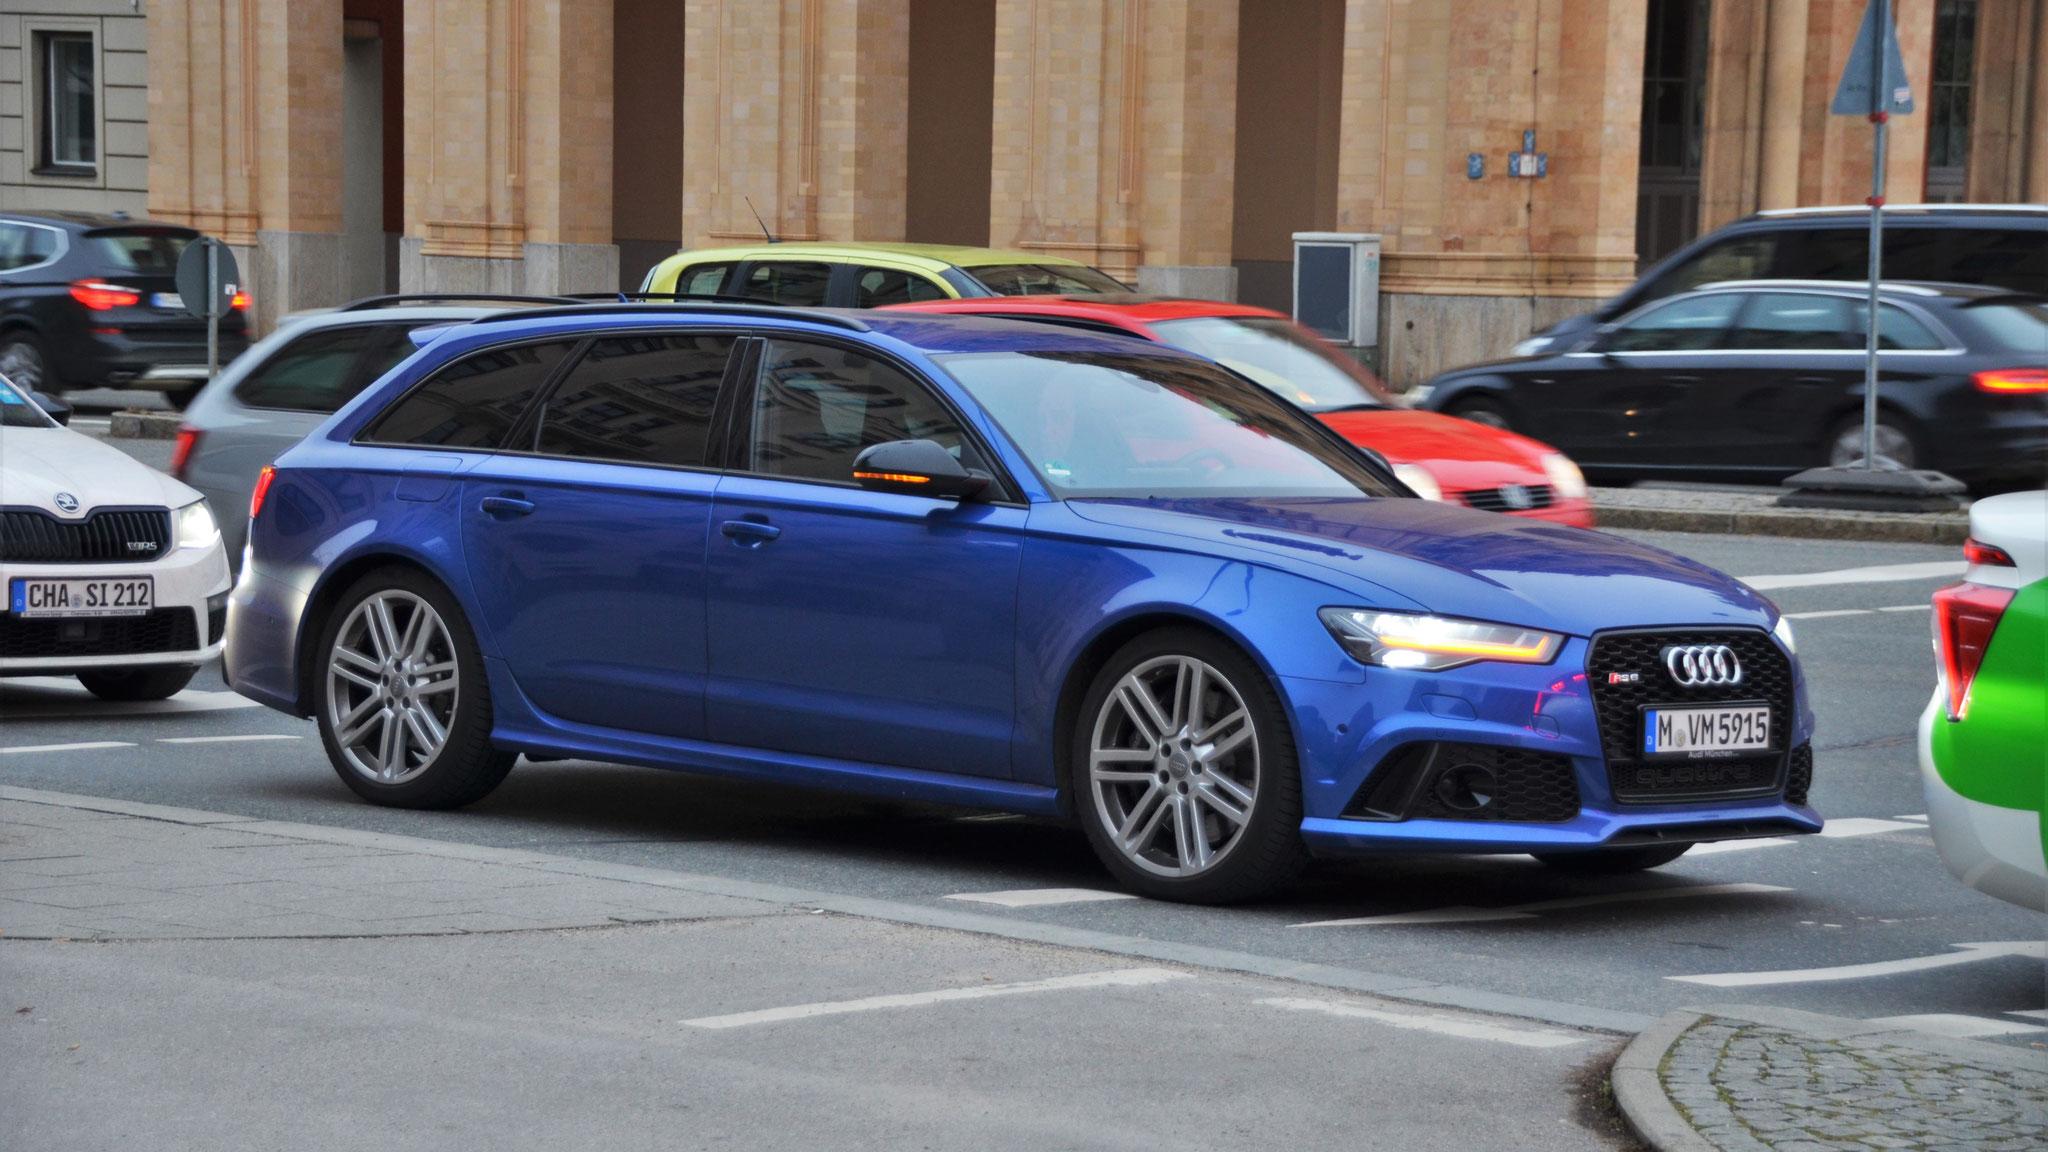 Audi RS6 - M-VM-5915